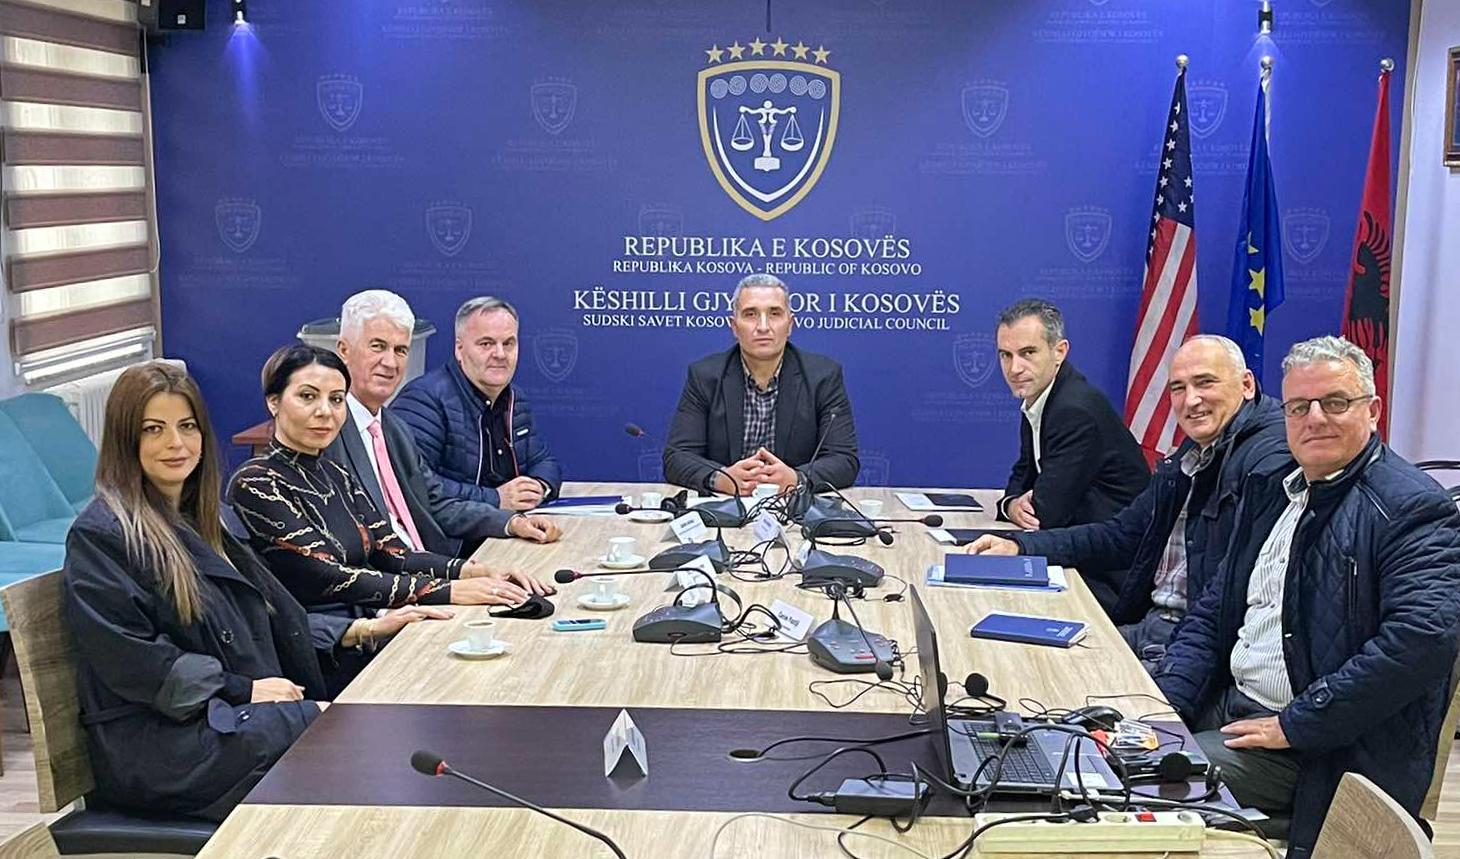 Zv. Kryesuesi i Këshillit Gjyqësor të Kosovës, Qerim Ademaj dhe Drejtori i Përgjithshëm i Sekretariatit të KGJK-së, Shkelzen Maliqi, kanë pritur sot në takim përfaqësuesit e Sindikatës së Judikaturës